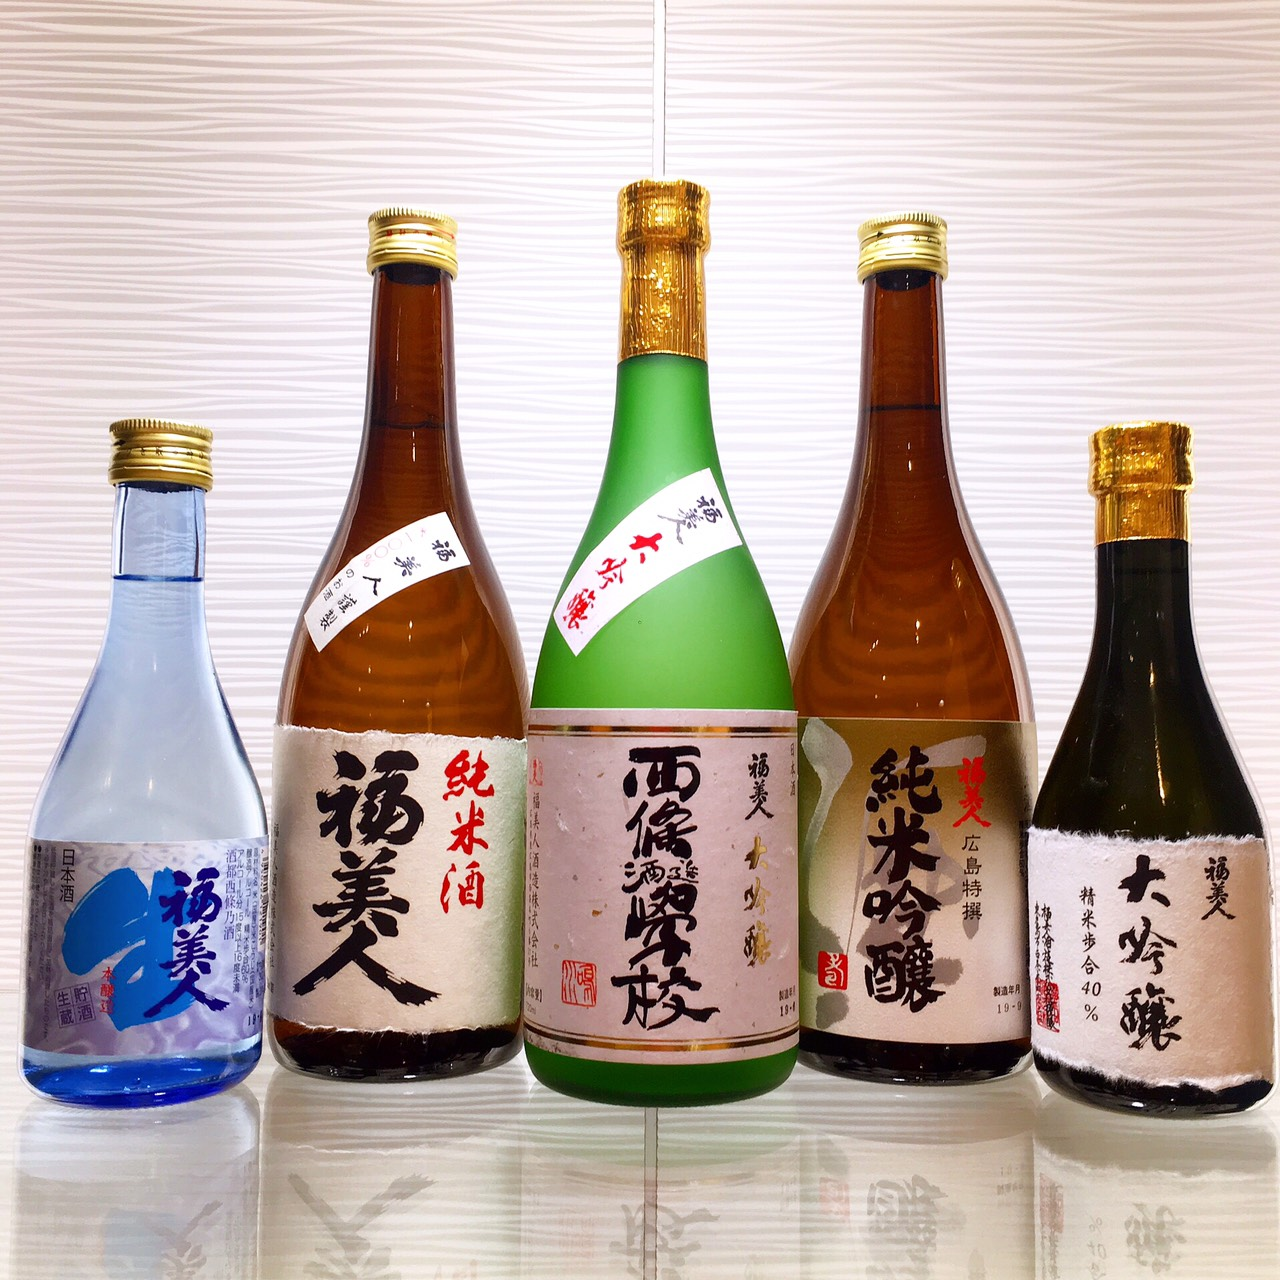 ~酒都西條で酒造学校と呼ばれた蔵~福美人(福美人酒造)の試飲販売会を開催!